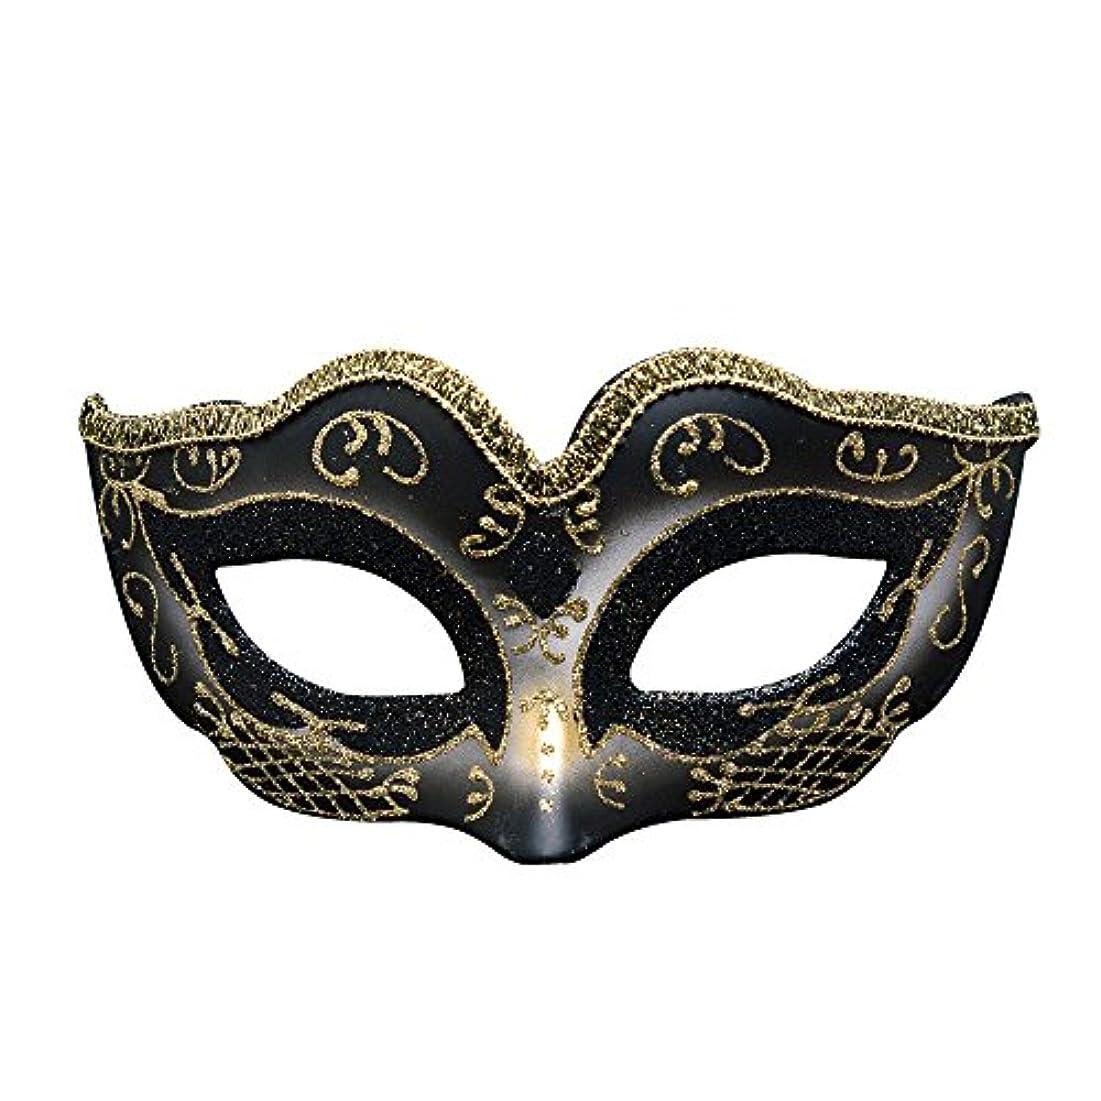 高齢者絶対に筋クリエイティブキッズマスカレードパーティーハロウィンマスククリスマス雰囲気マスク (Color : #3)